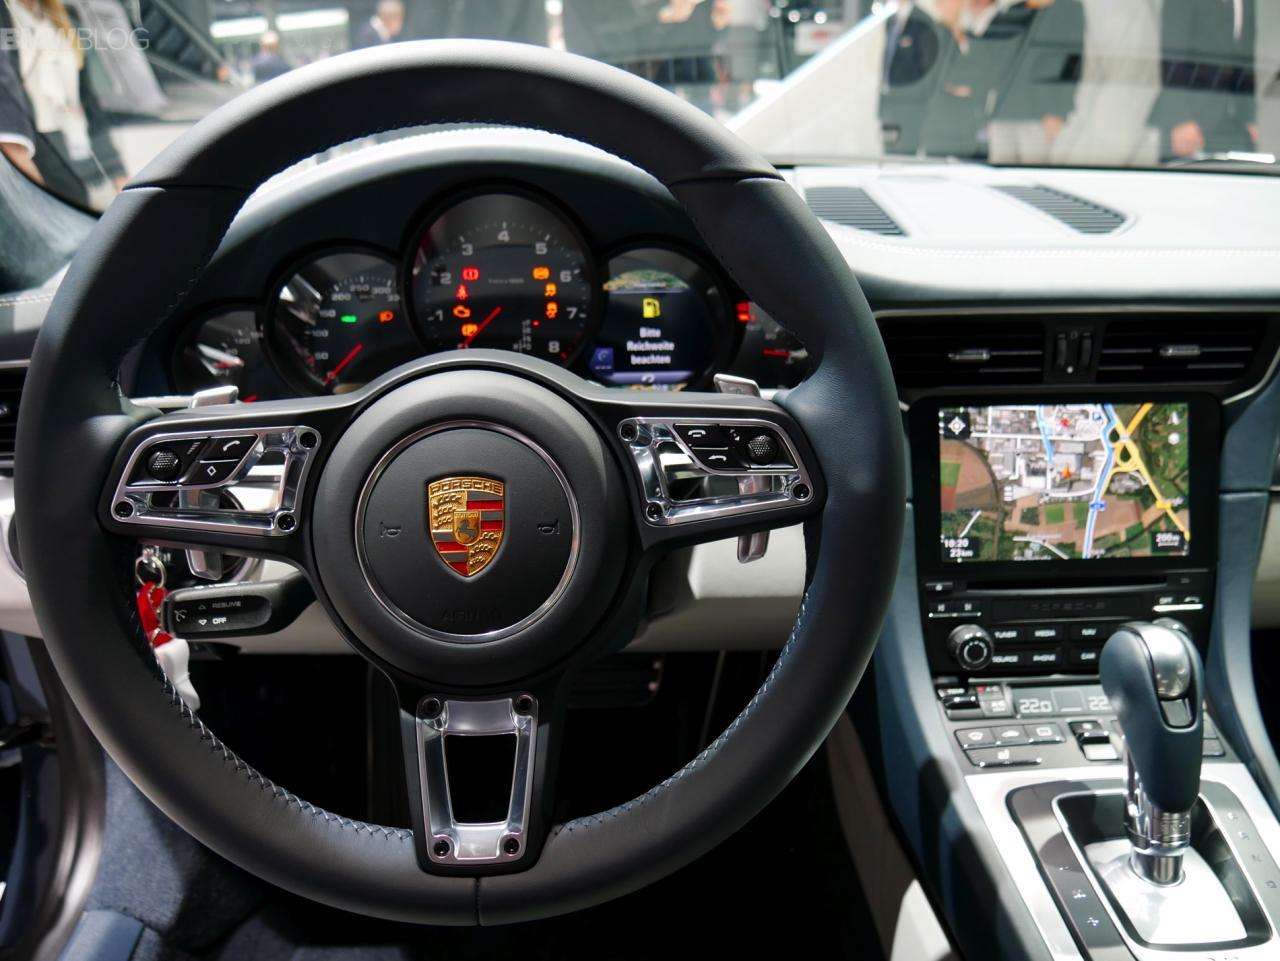 2017-Porsche-911-Turbo-images-20